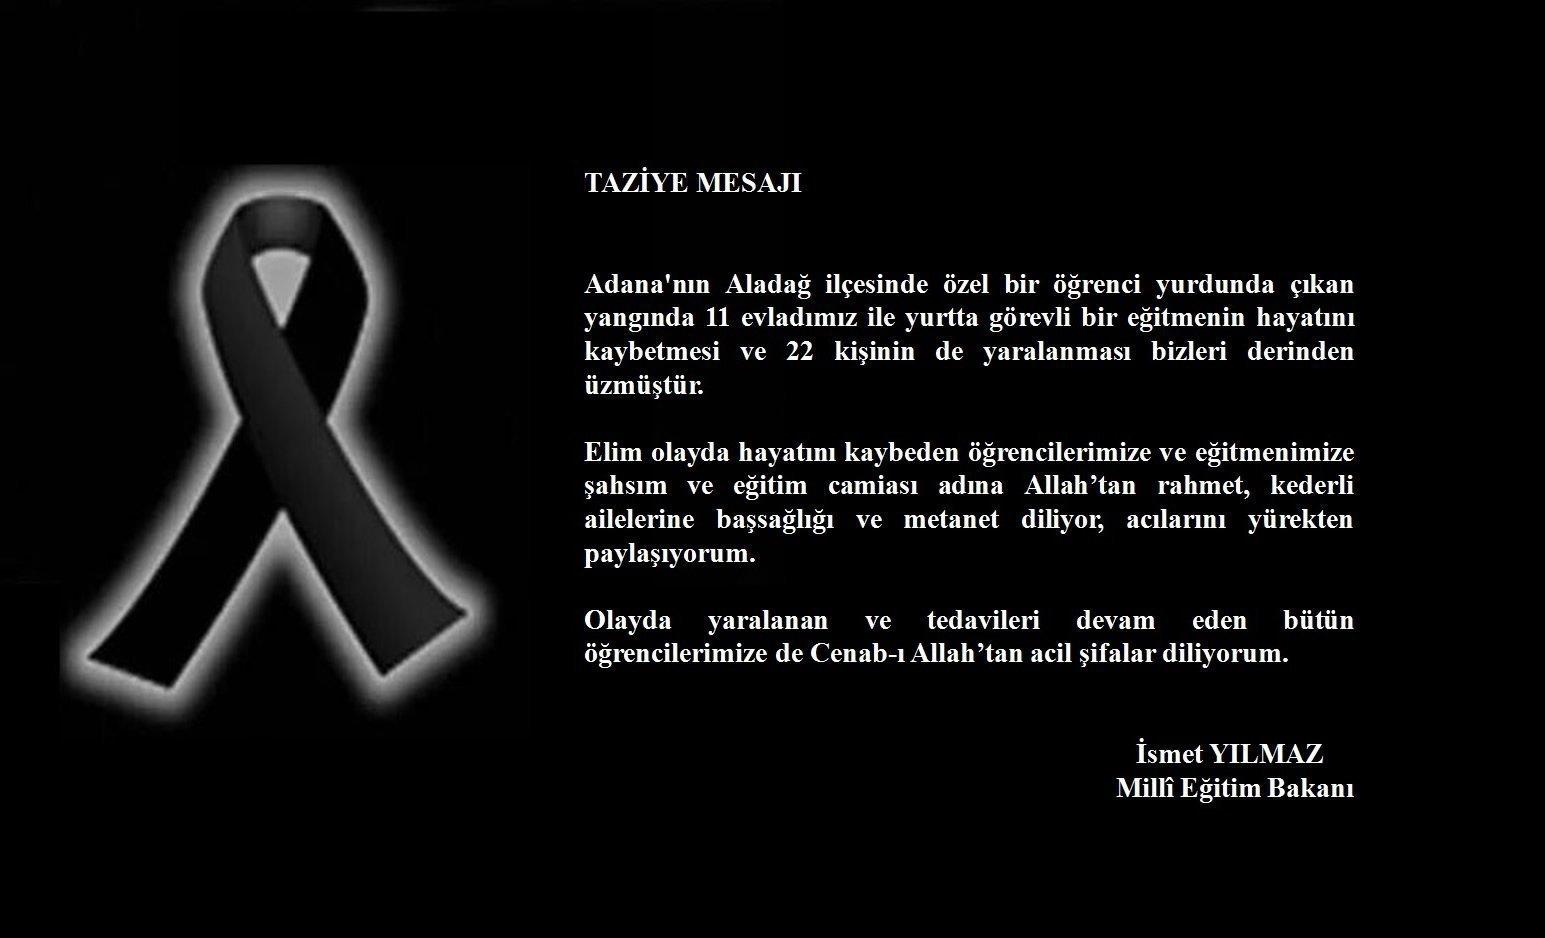 taziye_mesaji